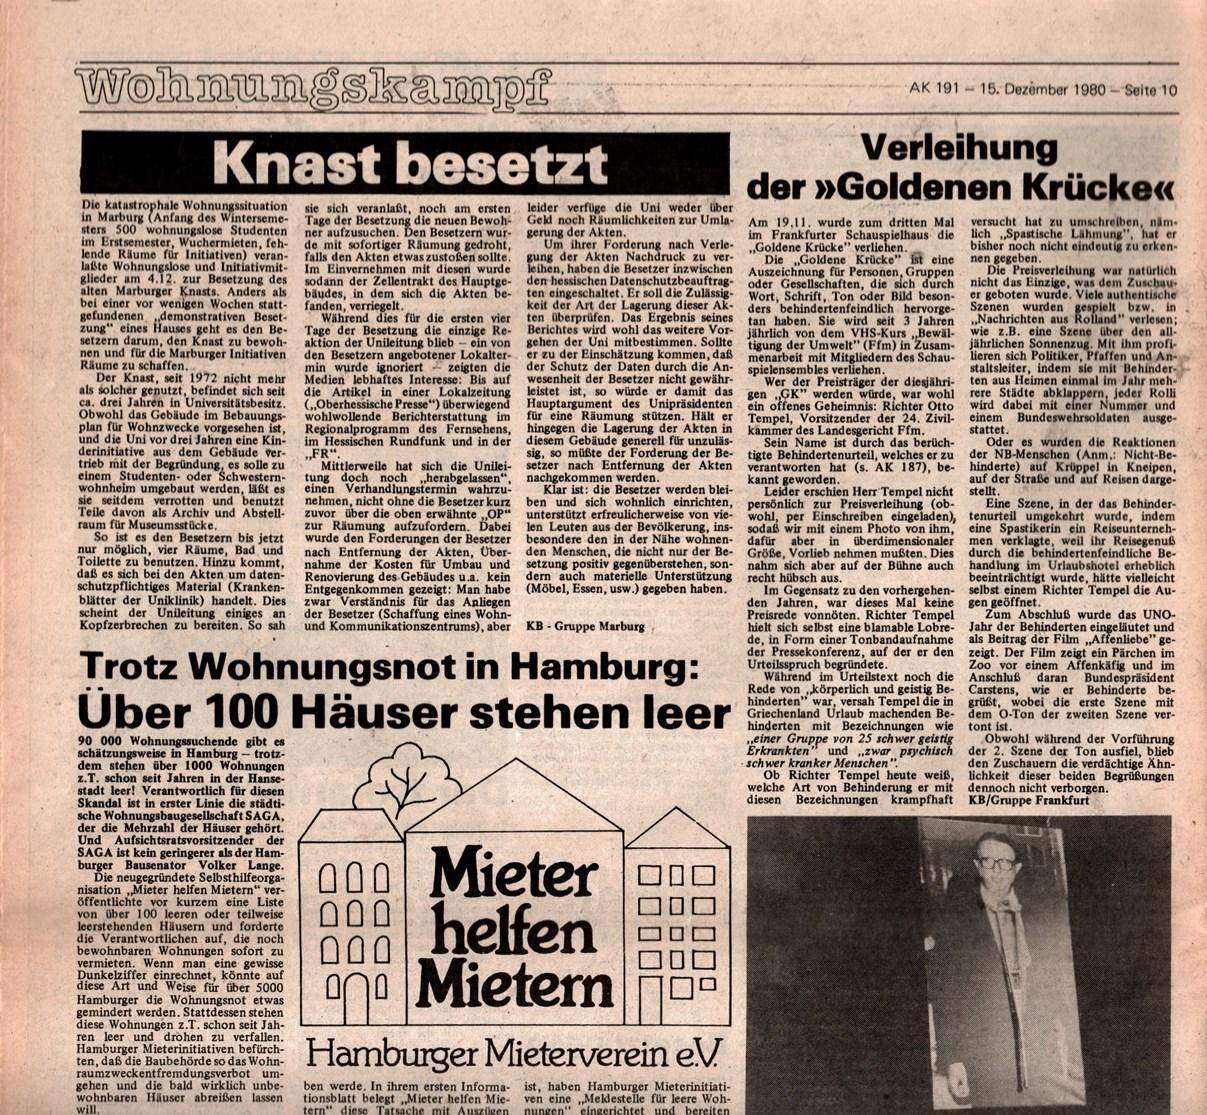 KB_AK_1980_191_019